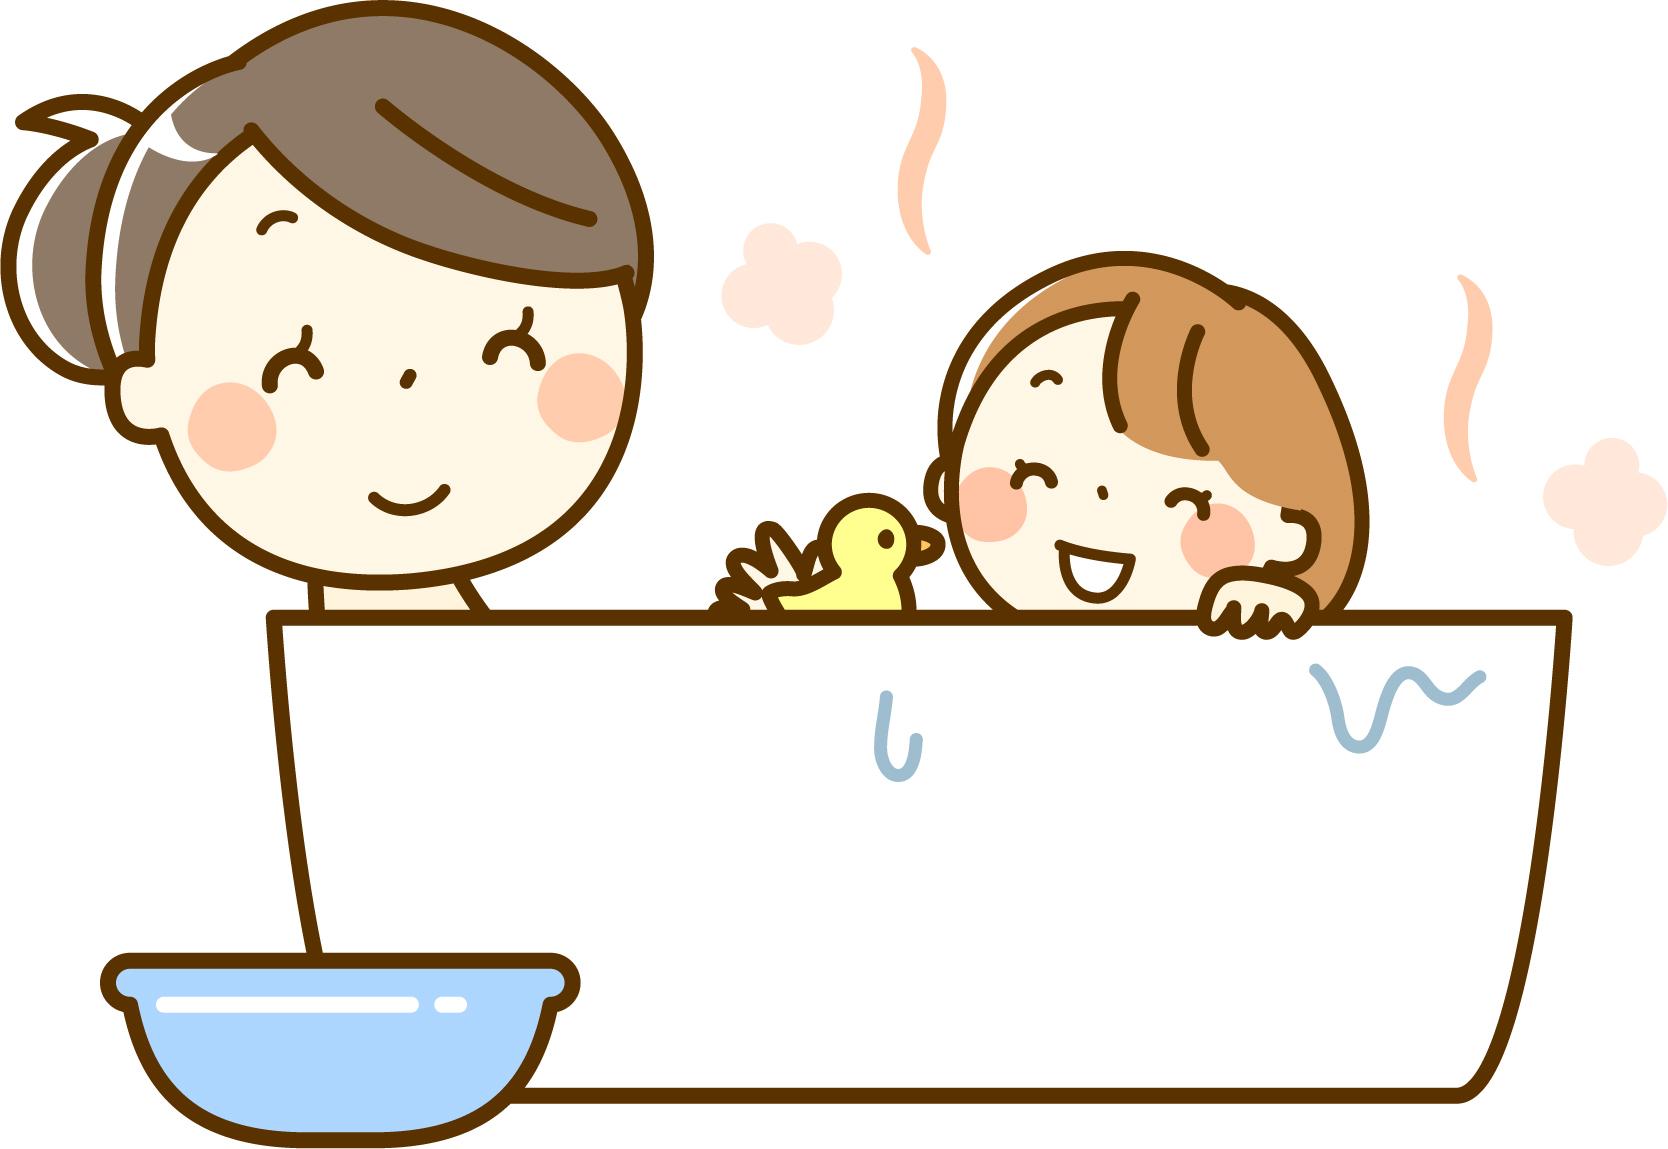 お風呂入れ前に機嫌が悪くなっていた娘への形勢逆転の一言